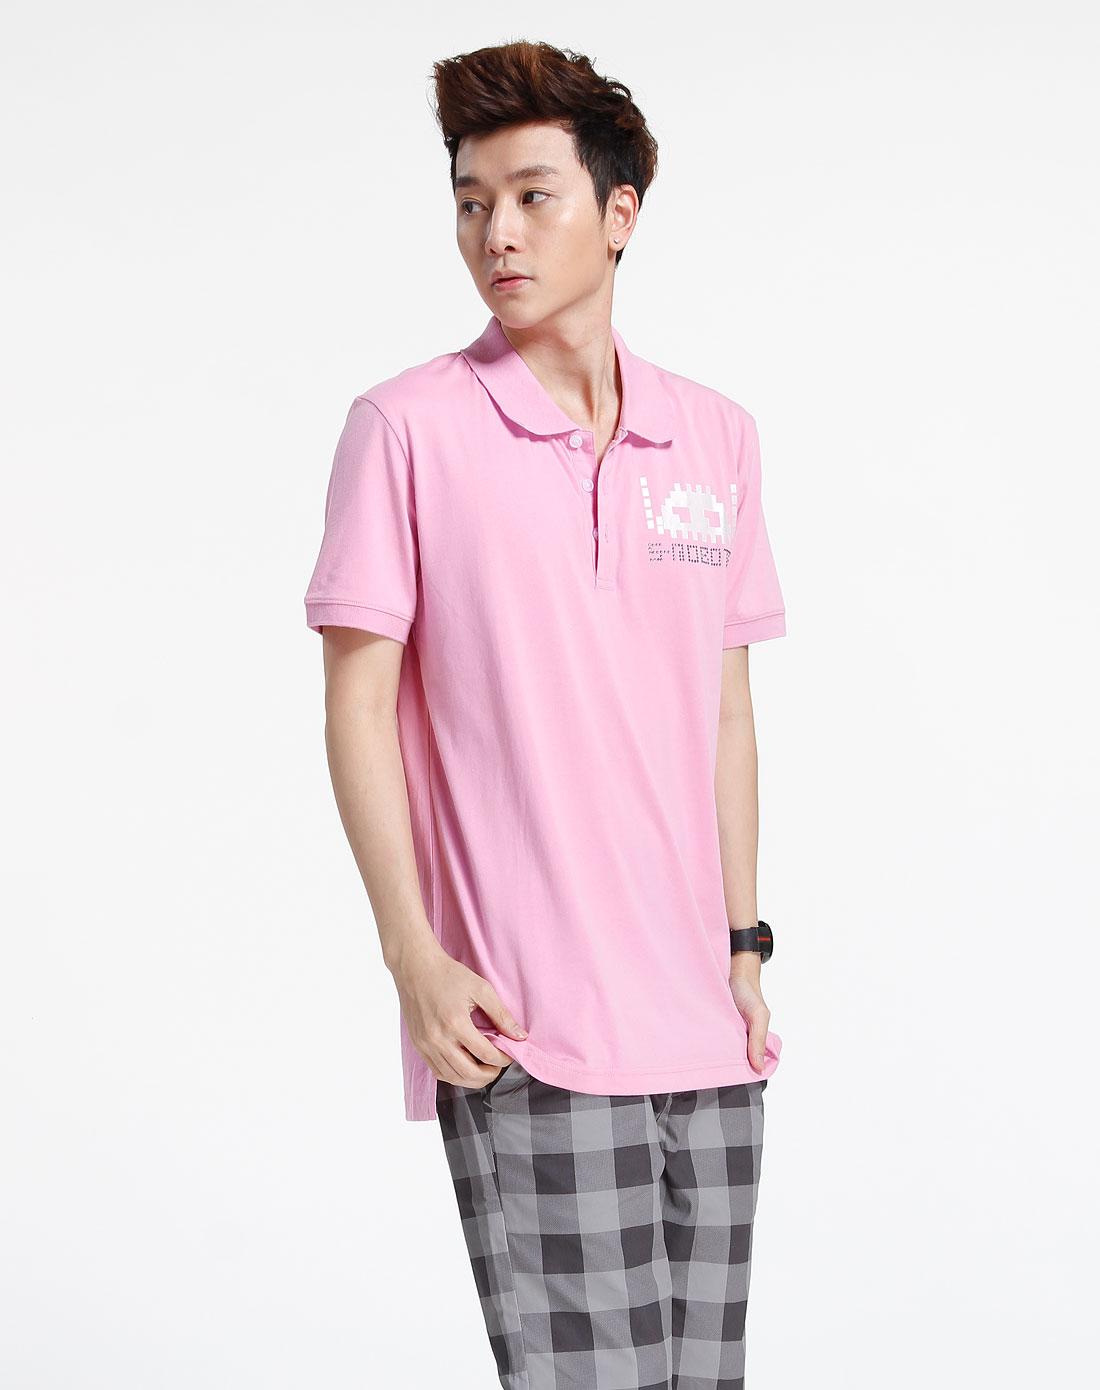 森马-男装-粉红色休闲短袖t恤图片